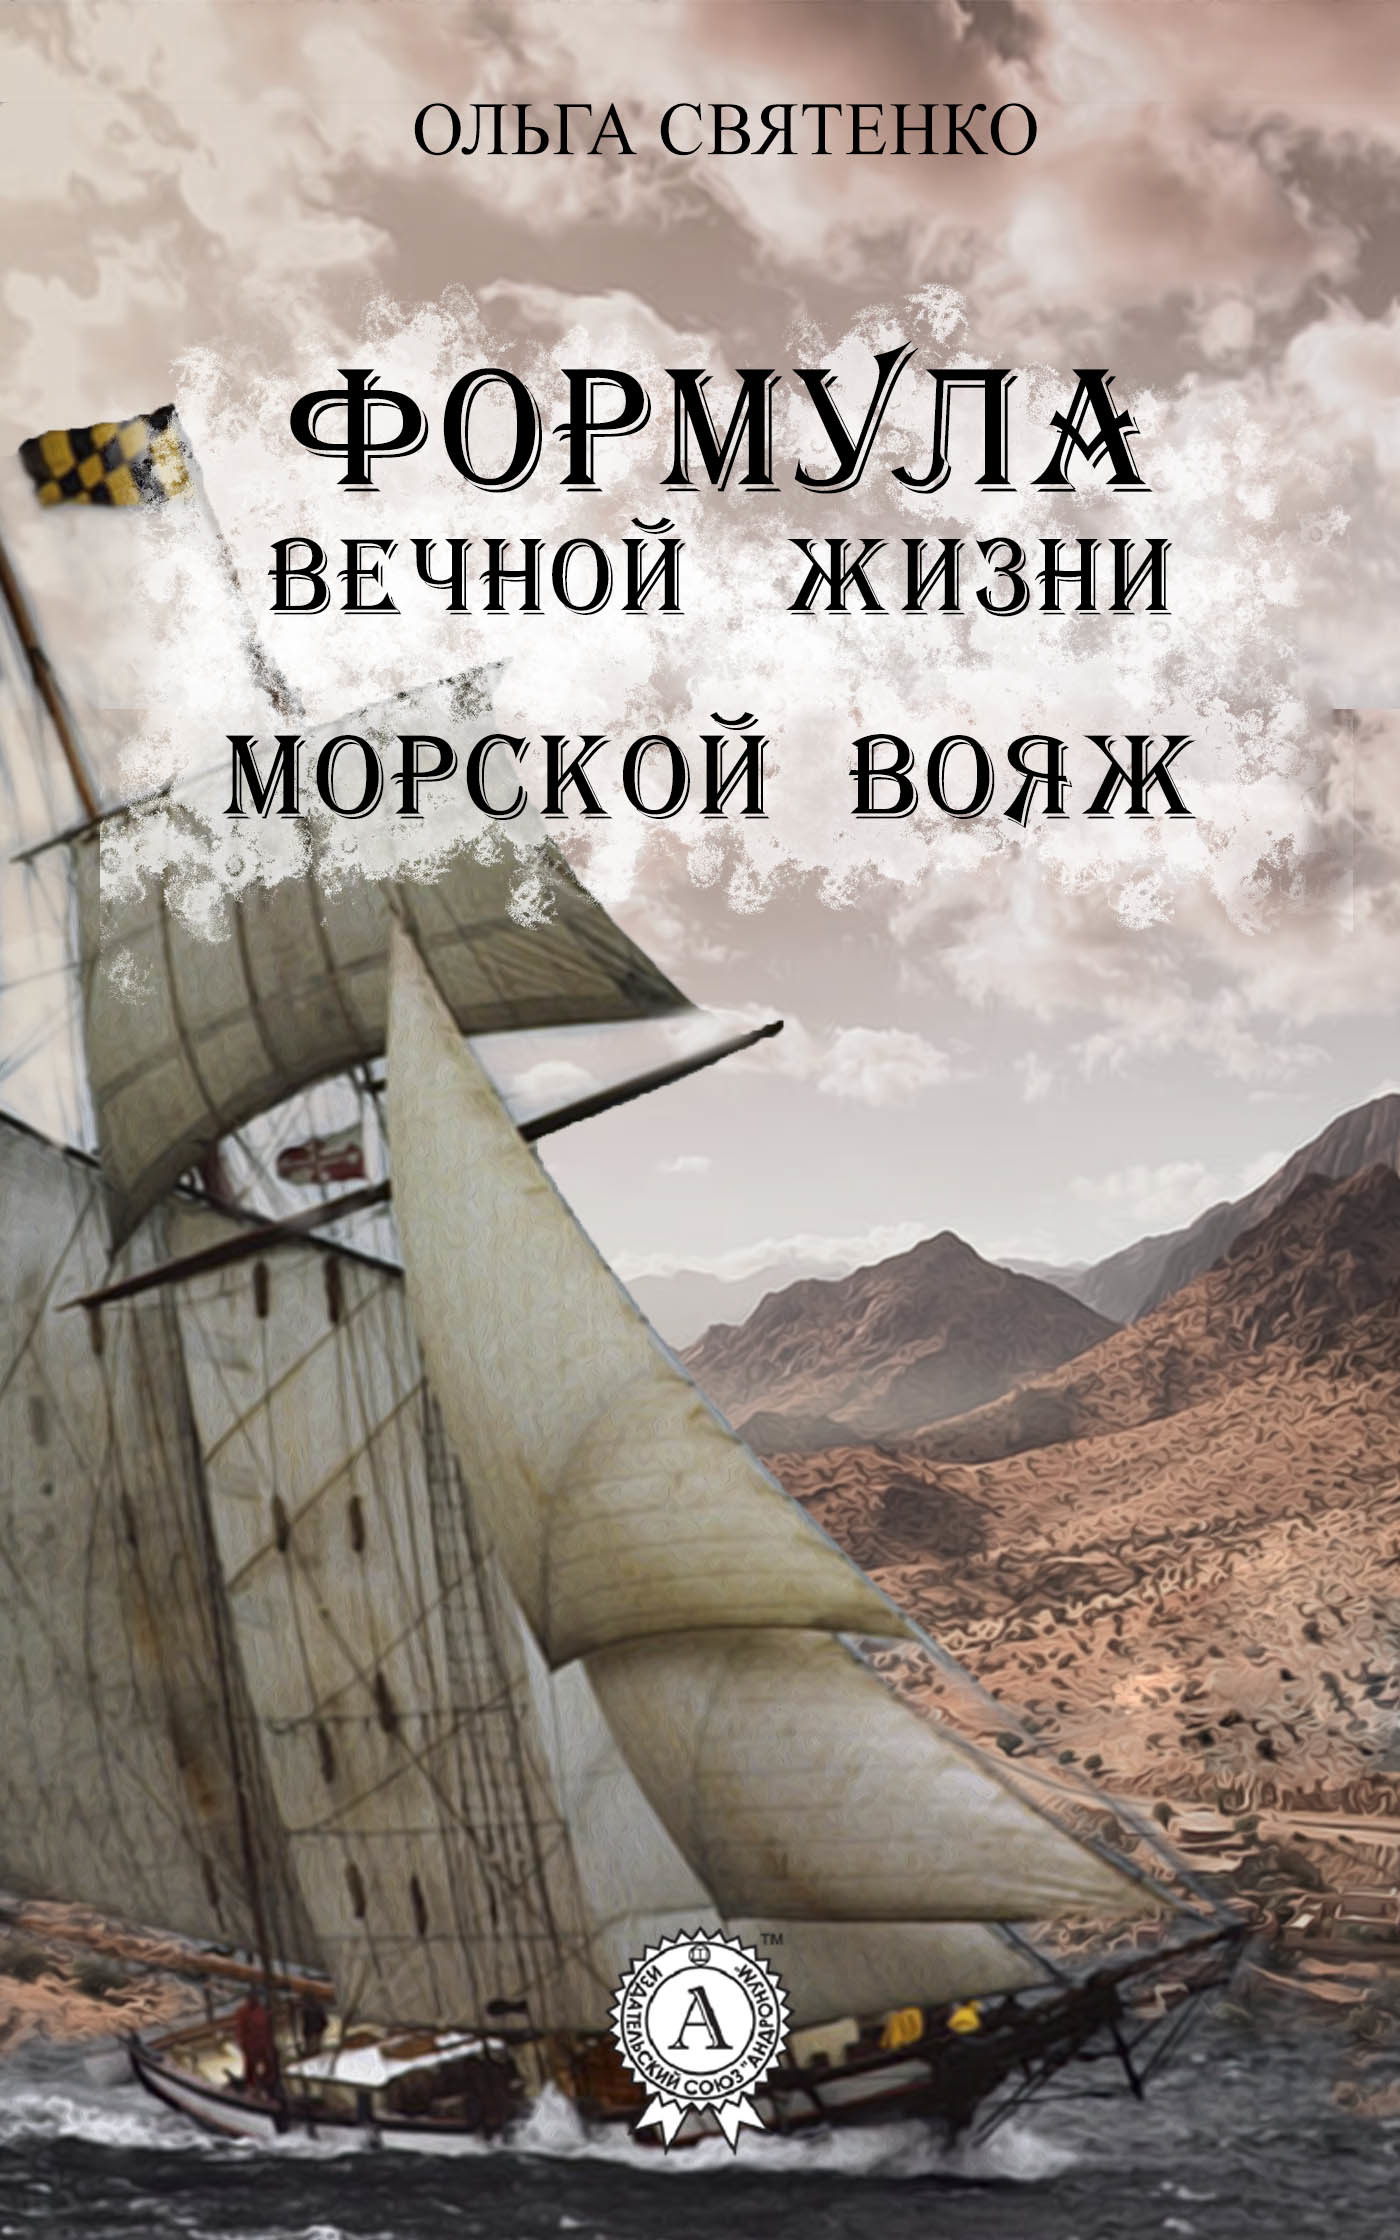 Ольга Святенко Формула вечной жизни. Морской вояж ольга володарская клятва вечной любви